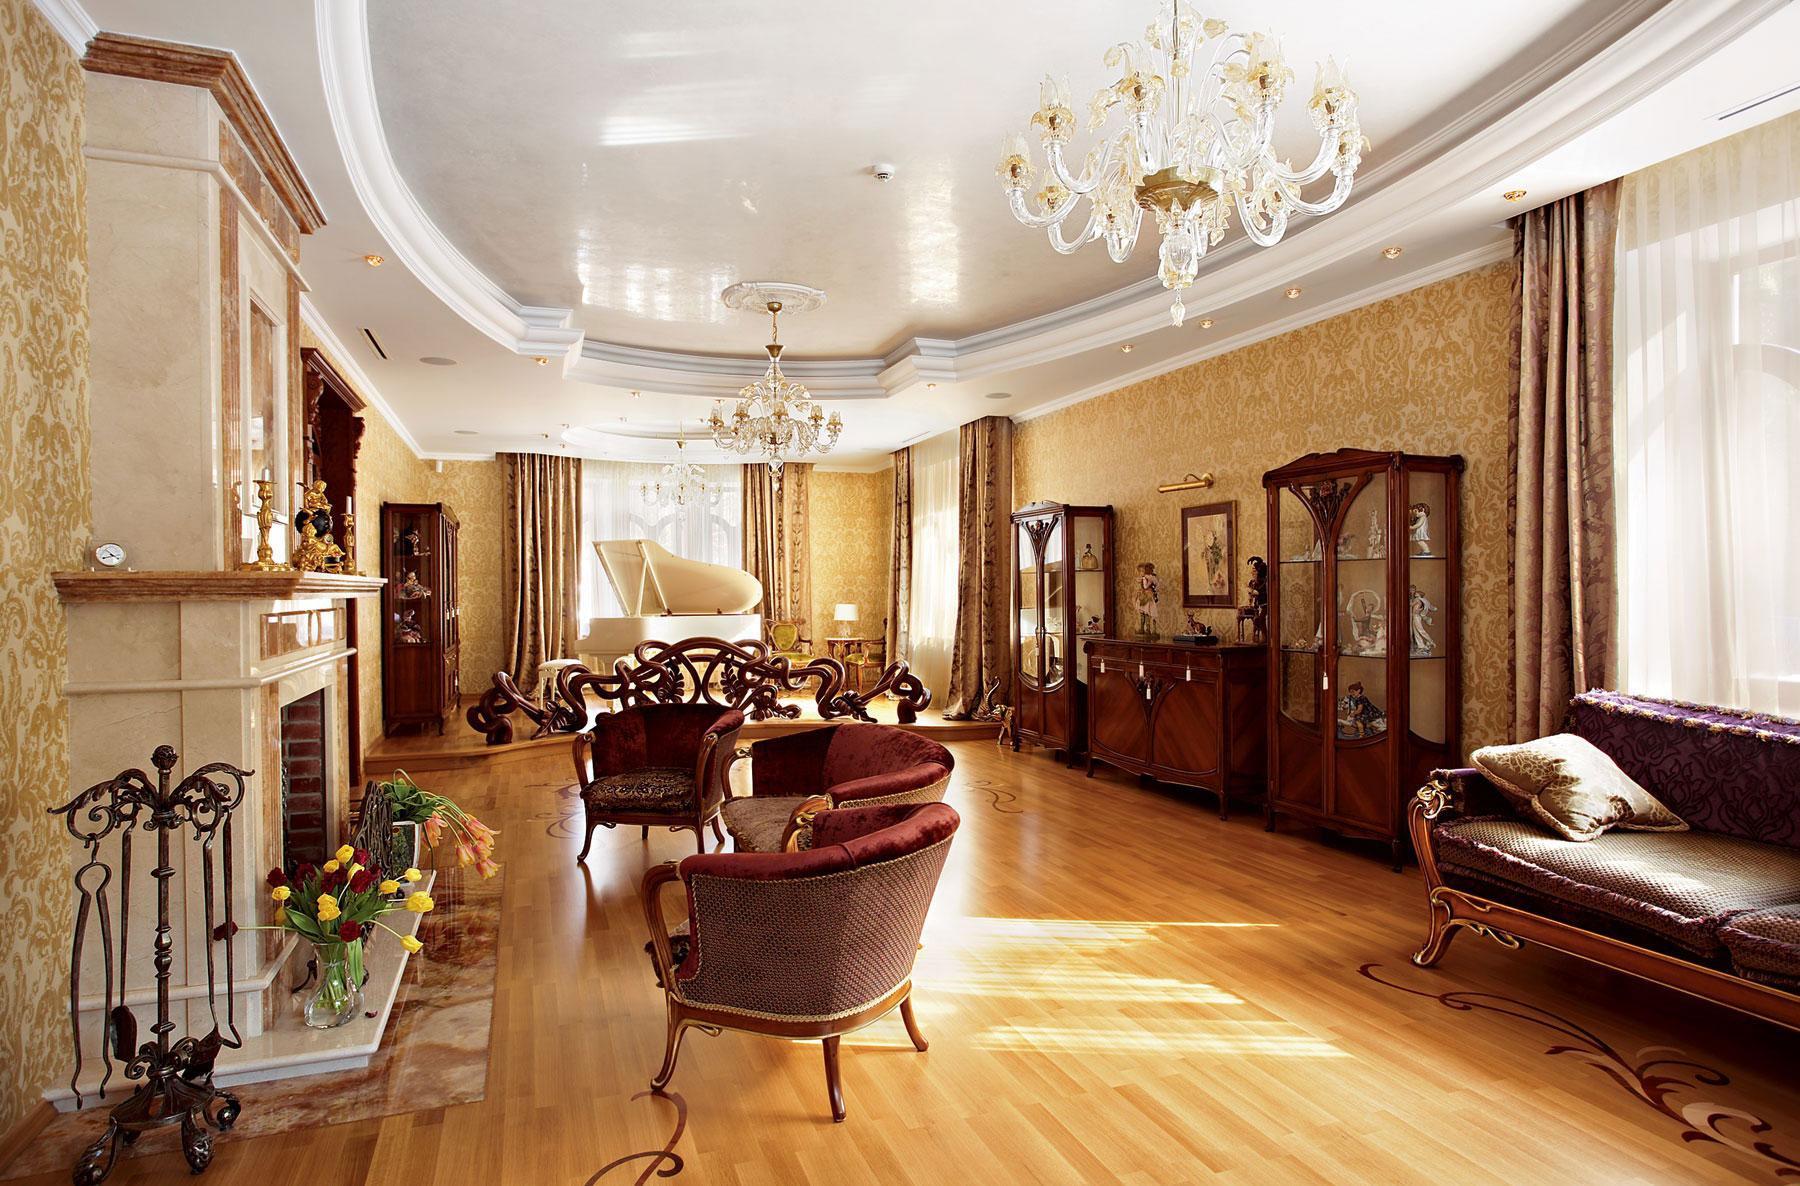 Просторная гостиная в загородном доме в классическом стиле